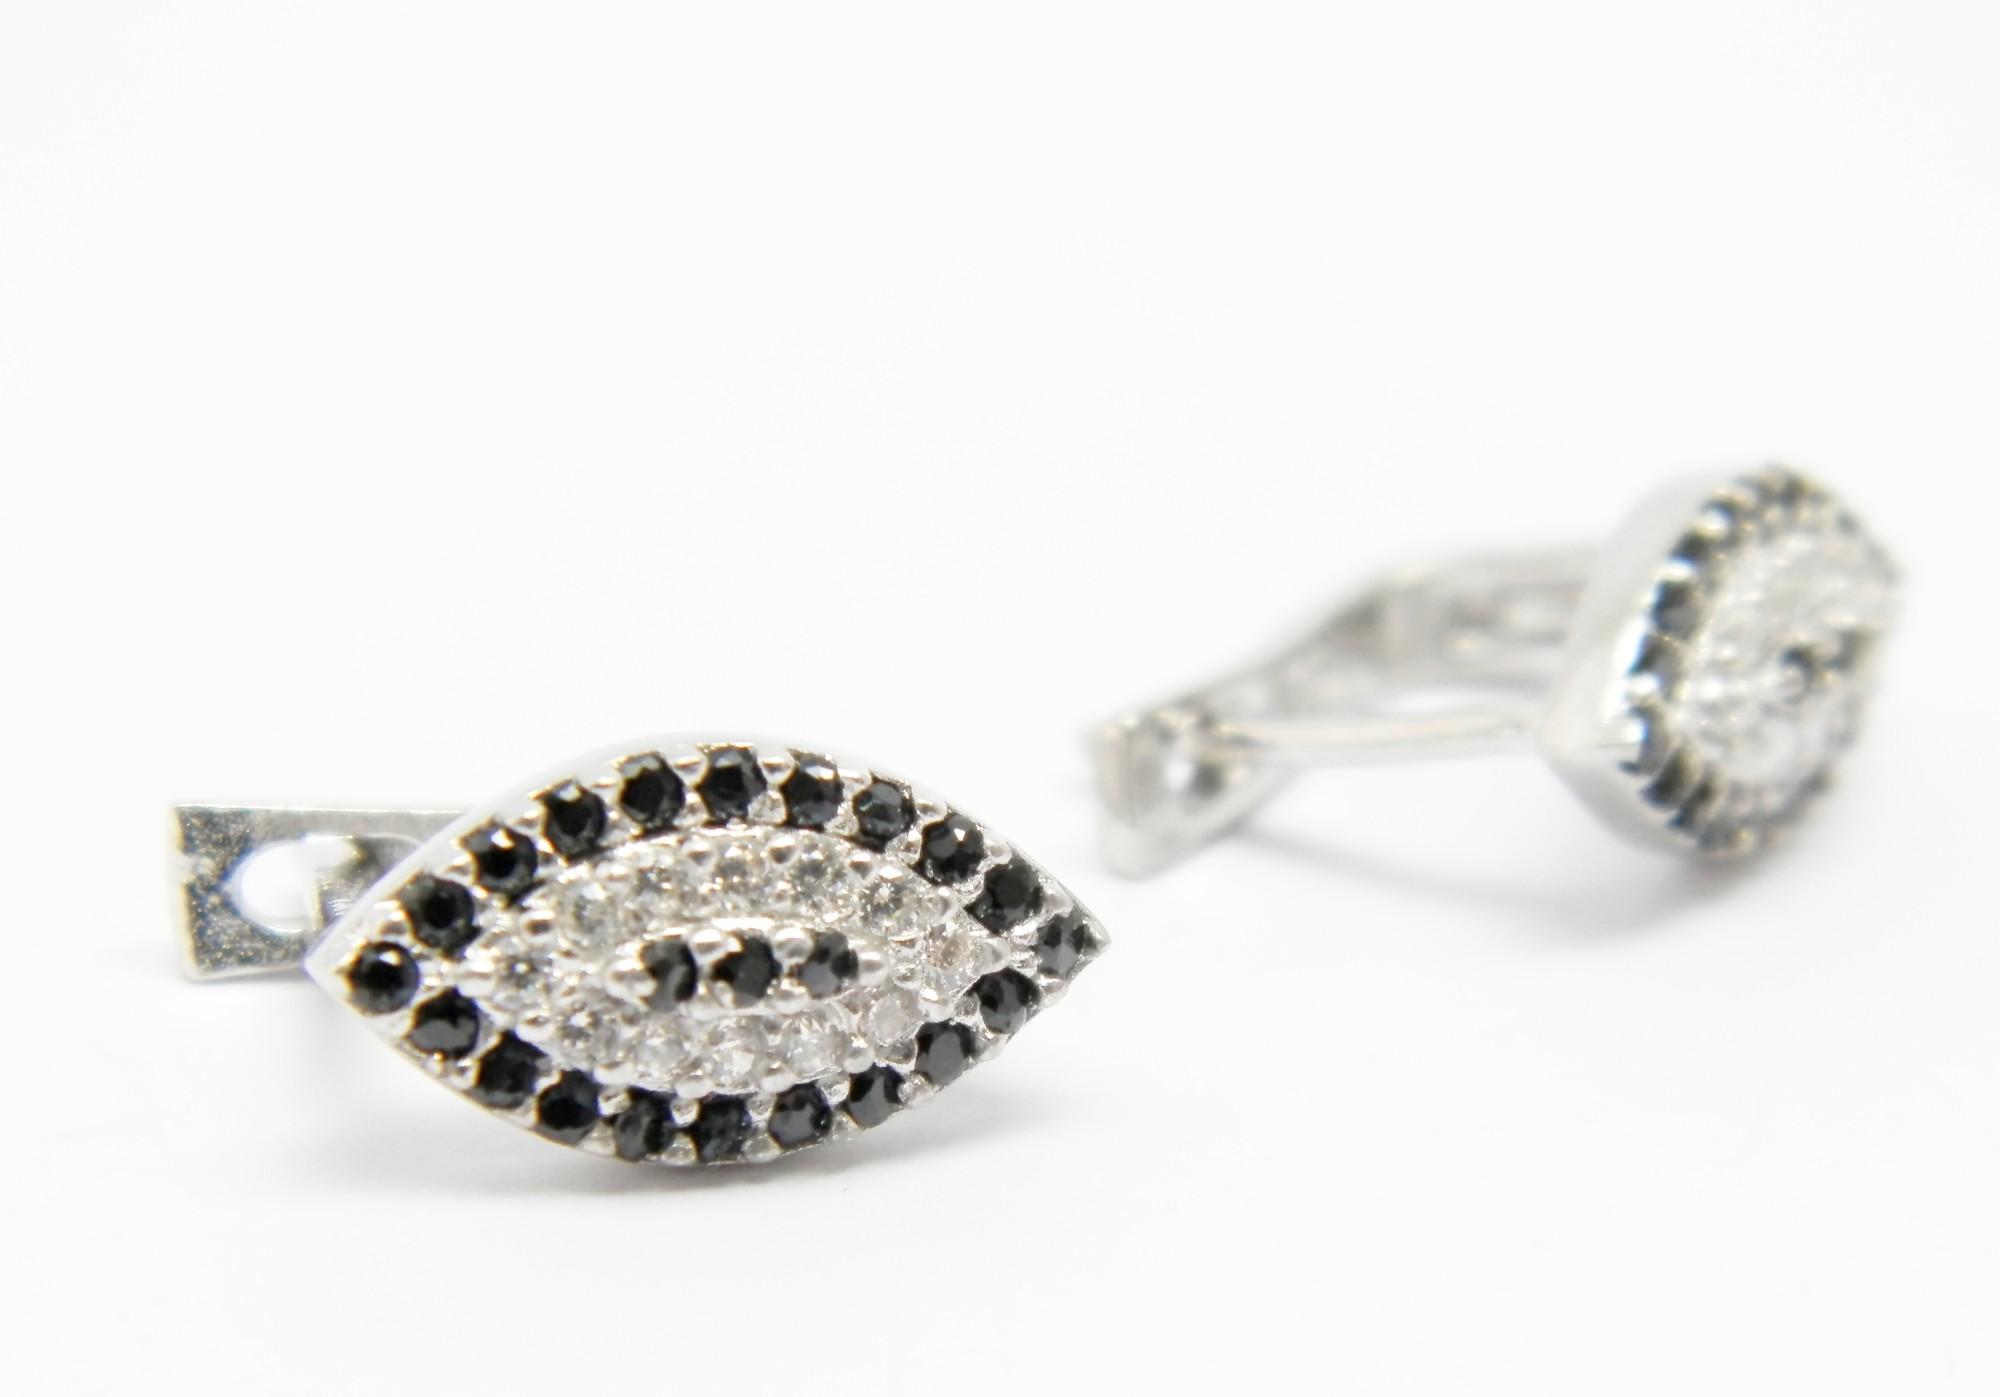 925/1000 stříbrné náušnice s černými a bílými zirkony Třetí oko